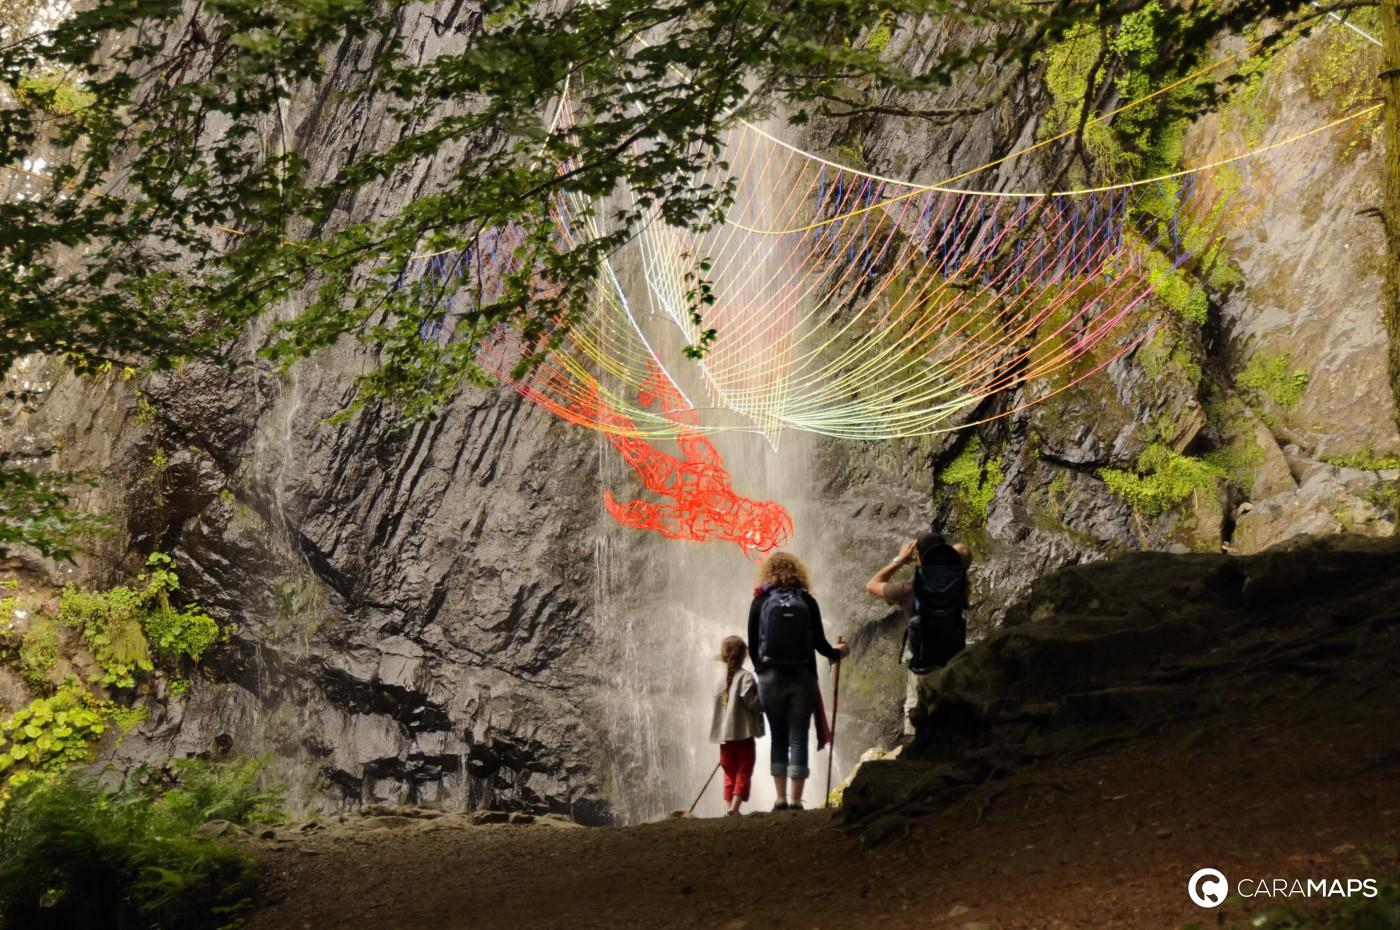 Ordinaire Camping La Plage Verte Mont Dore #5: Camping La Plage ...